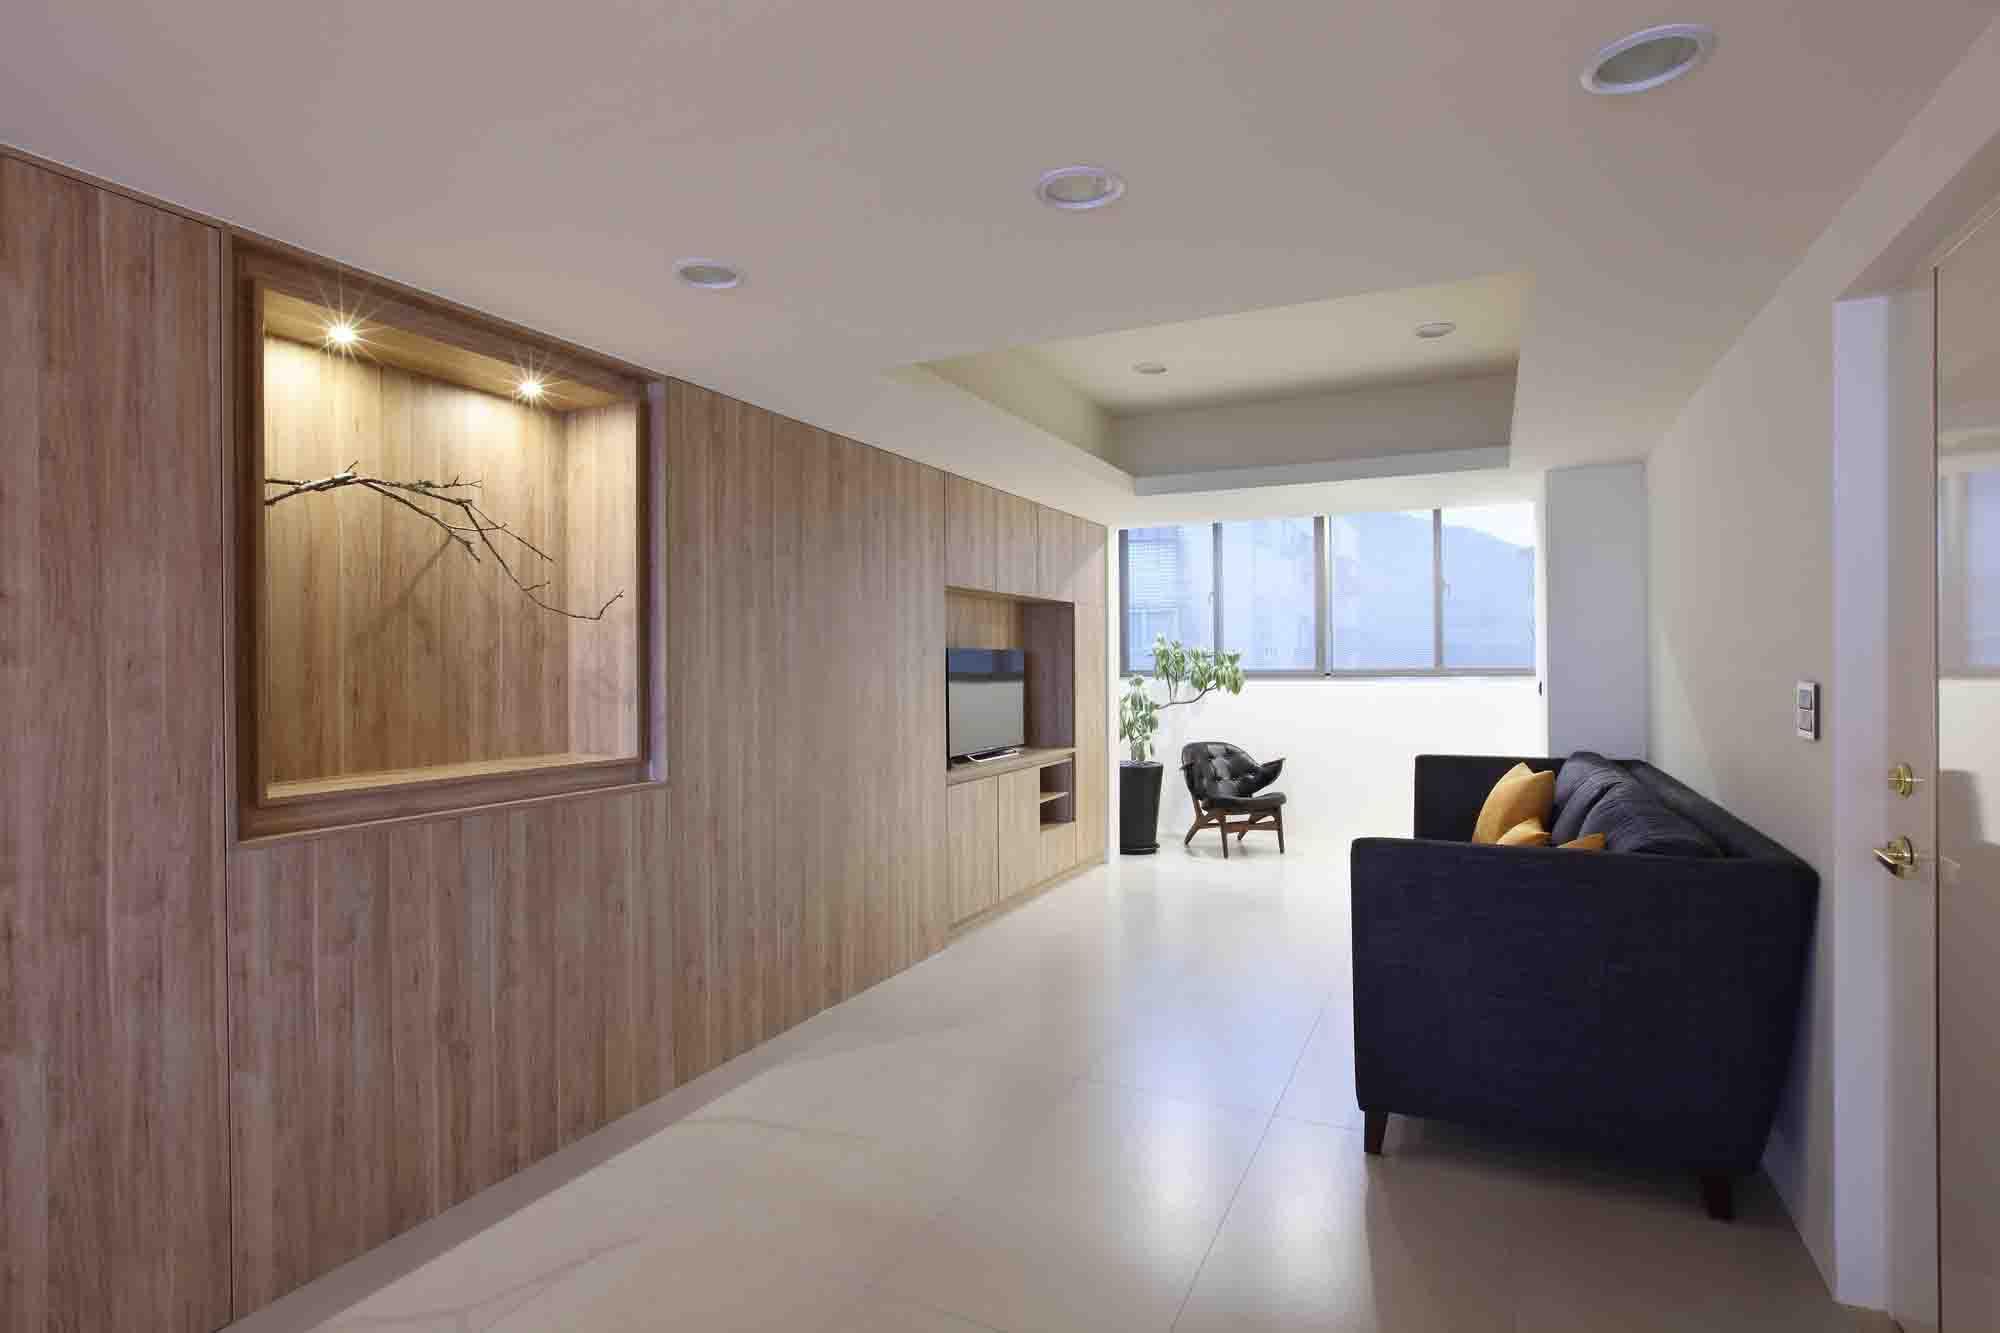 多年專業統包工程資歷與實務經驗,舊屋翻新,室內設計,室內裝潢,打造您專屬的「家」與「空間」